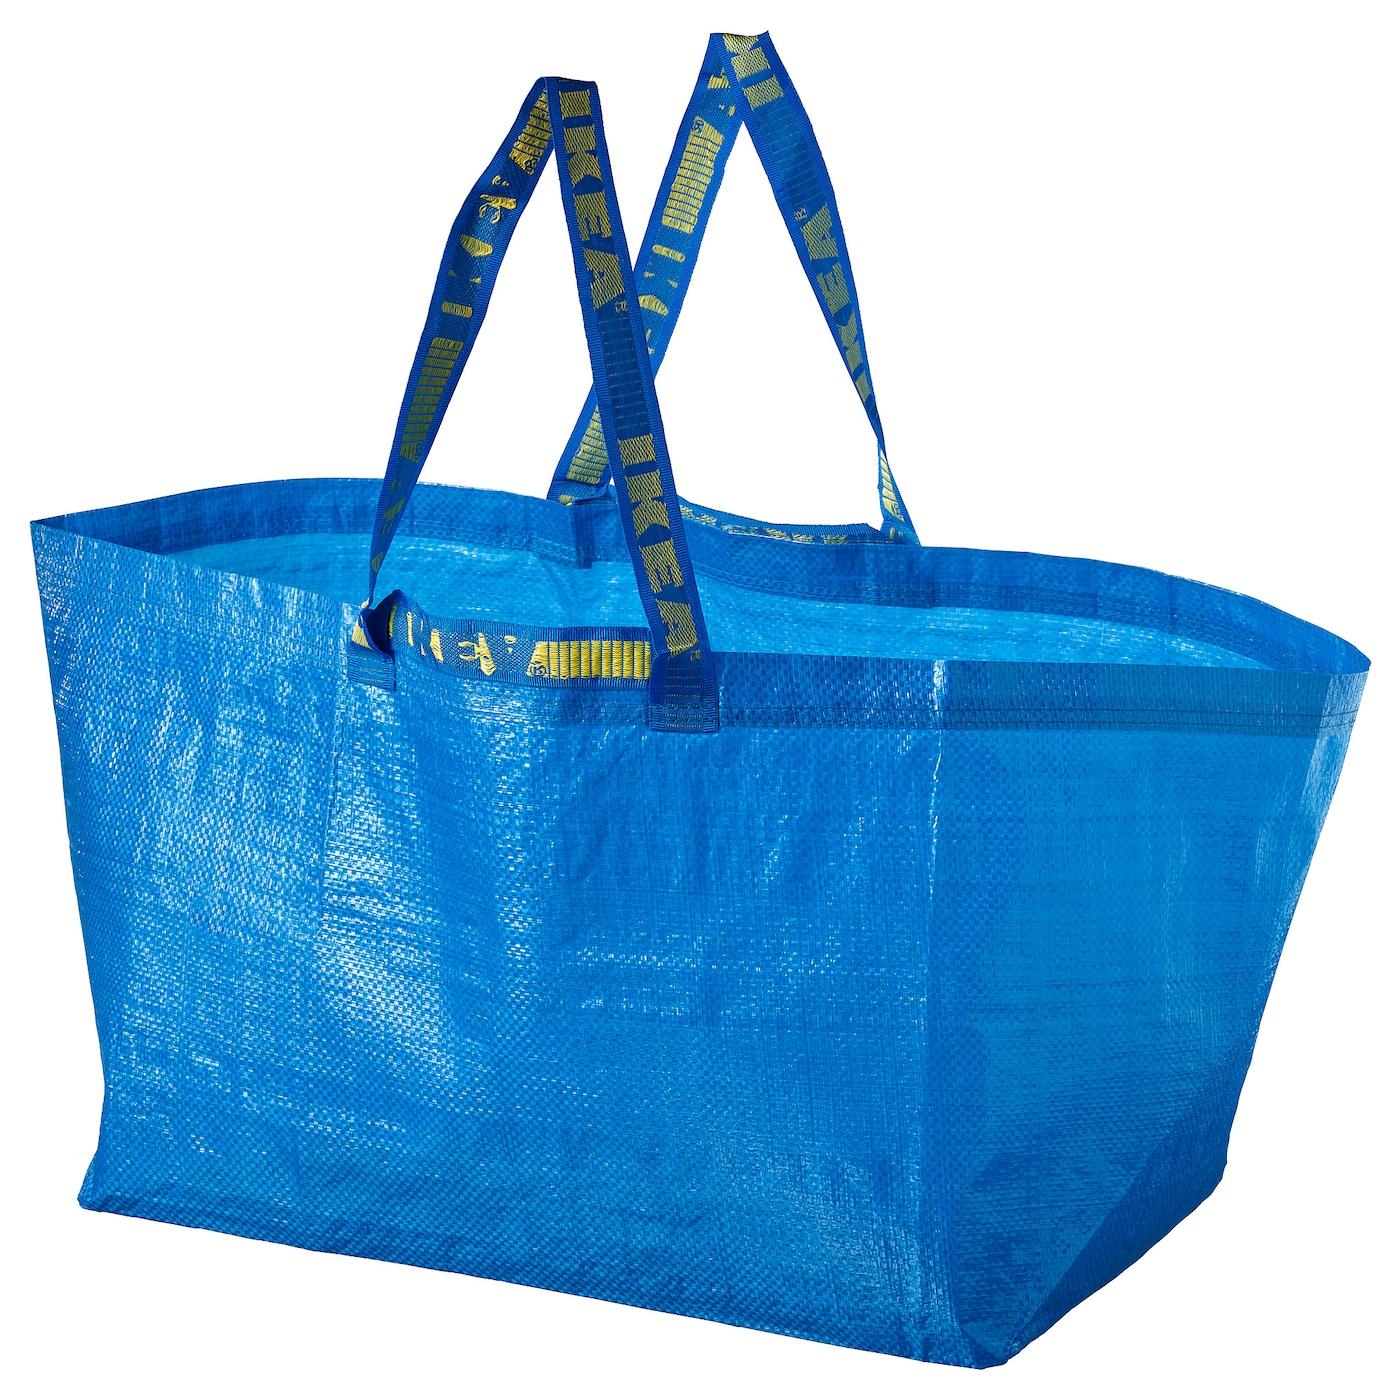 Frakta Carrier Bag Large Blue